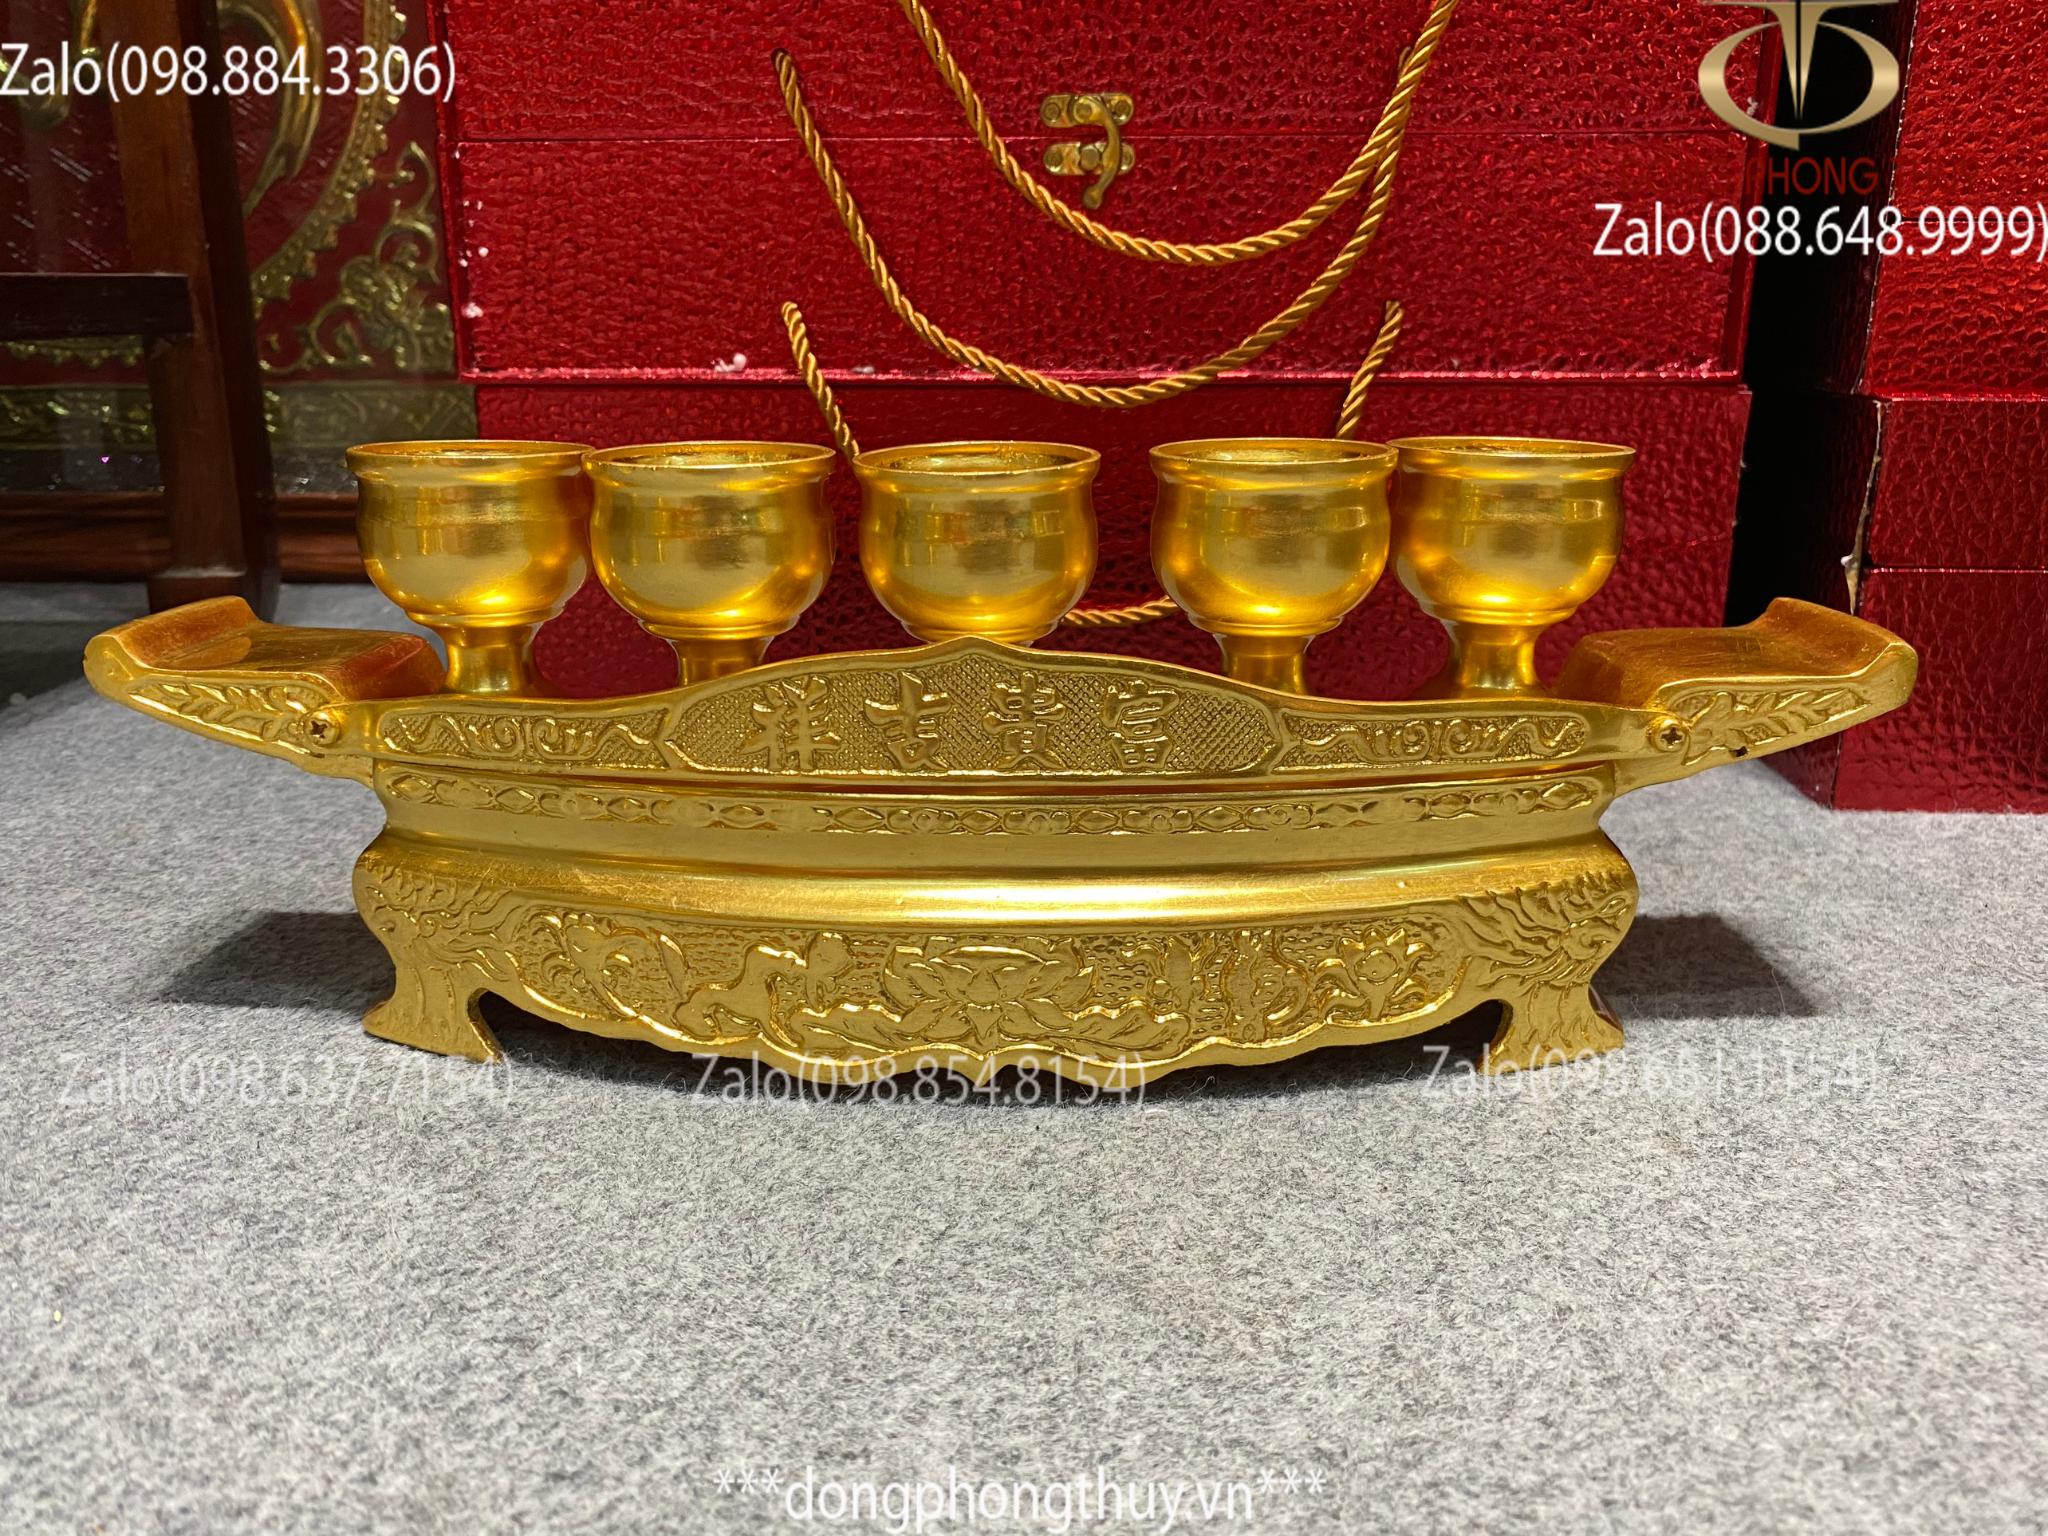 bộ ngai 5 chén bằng đồng mạ vàng 24k